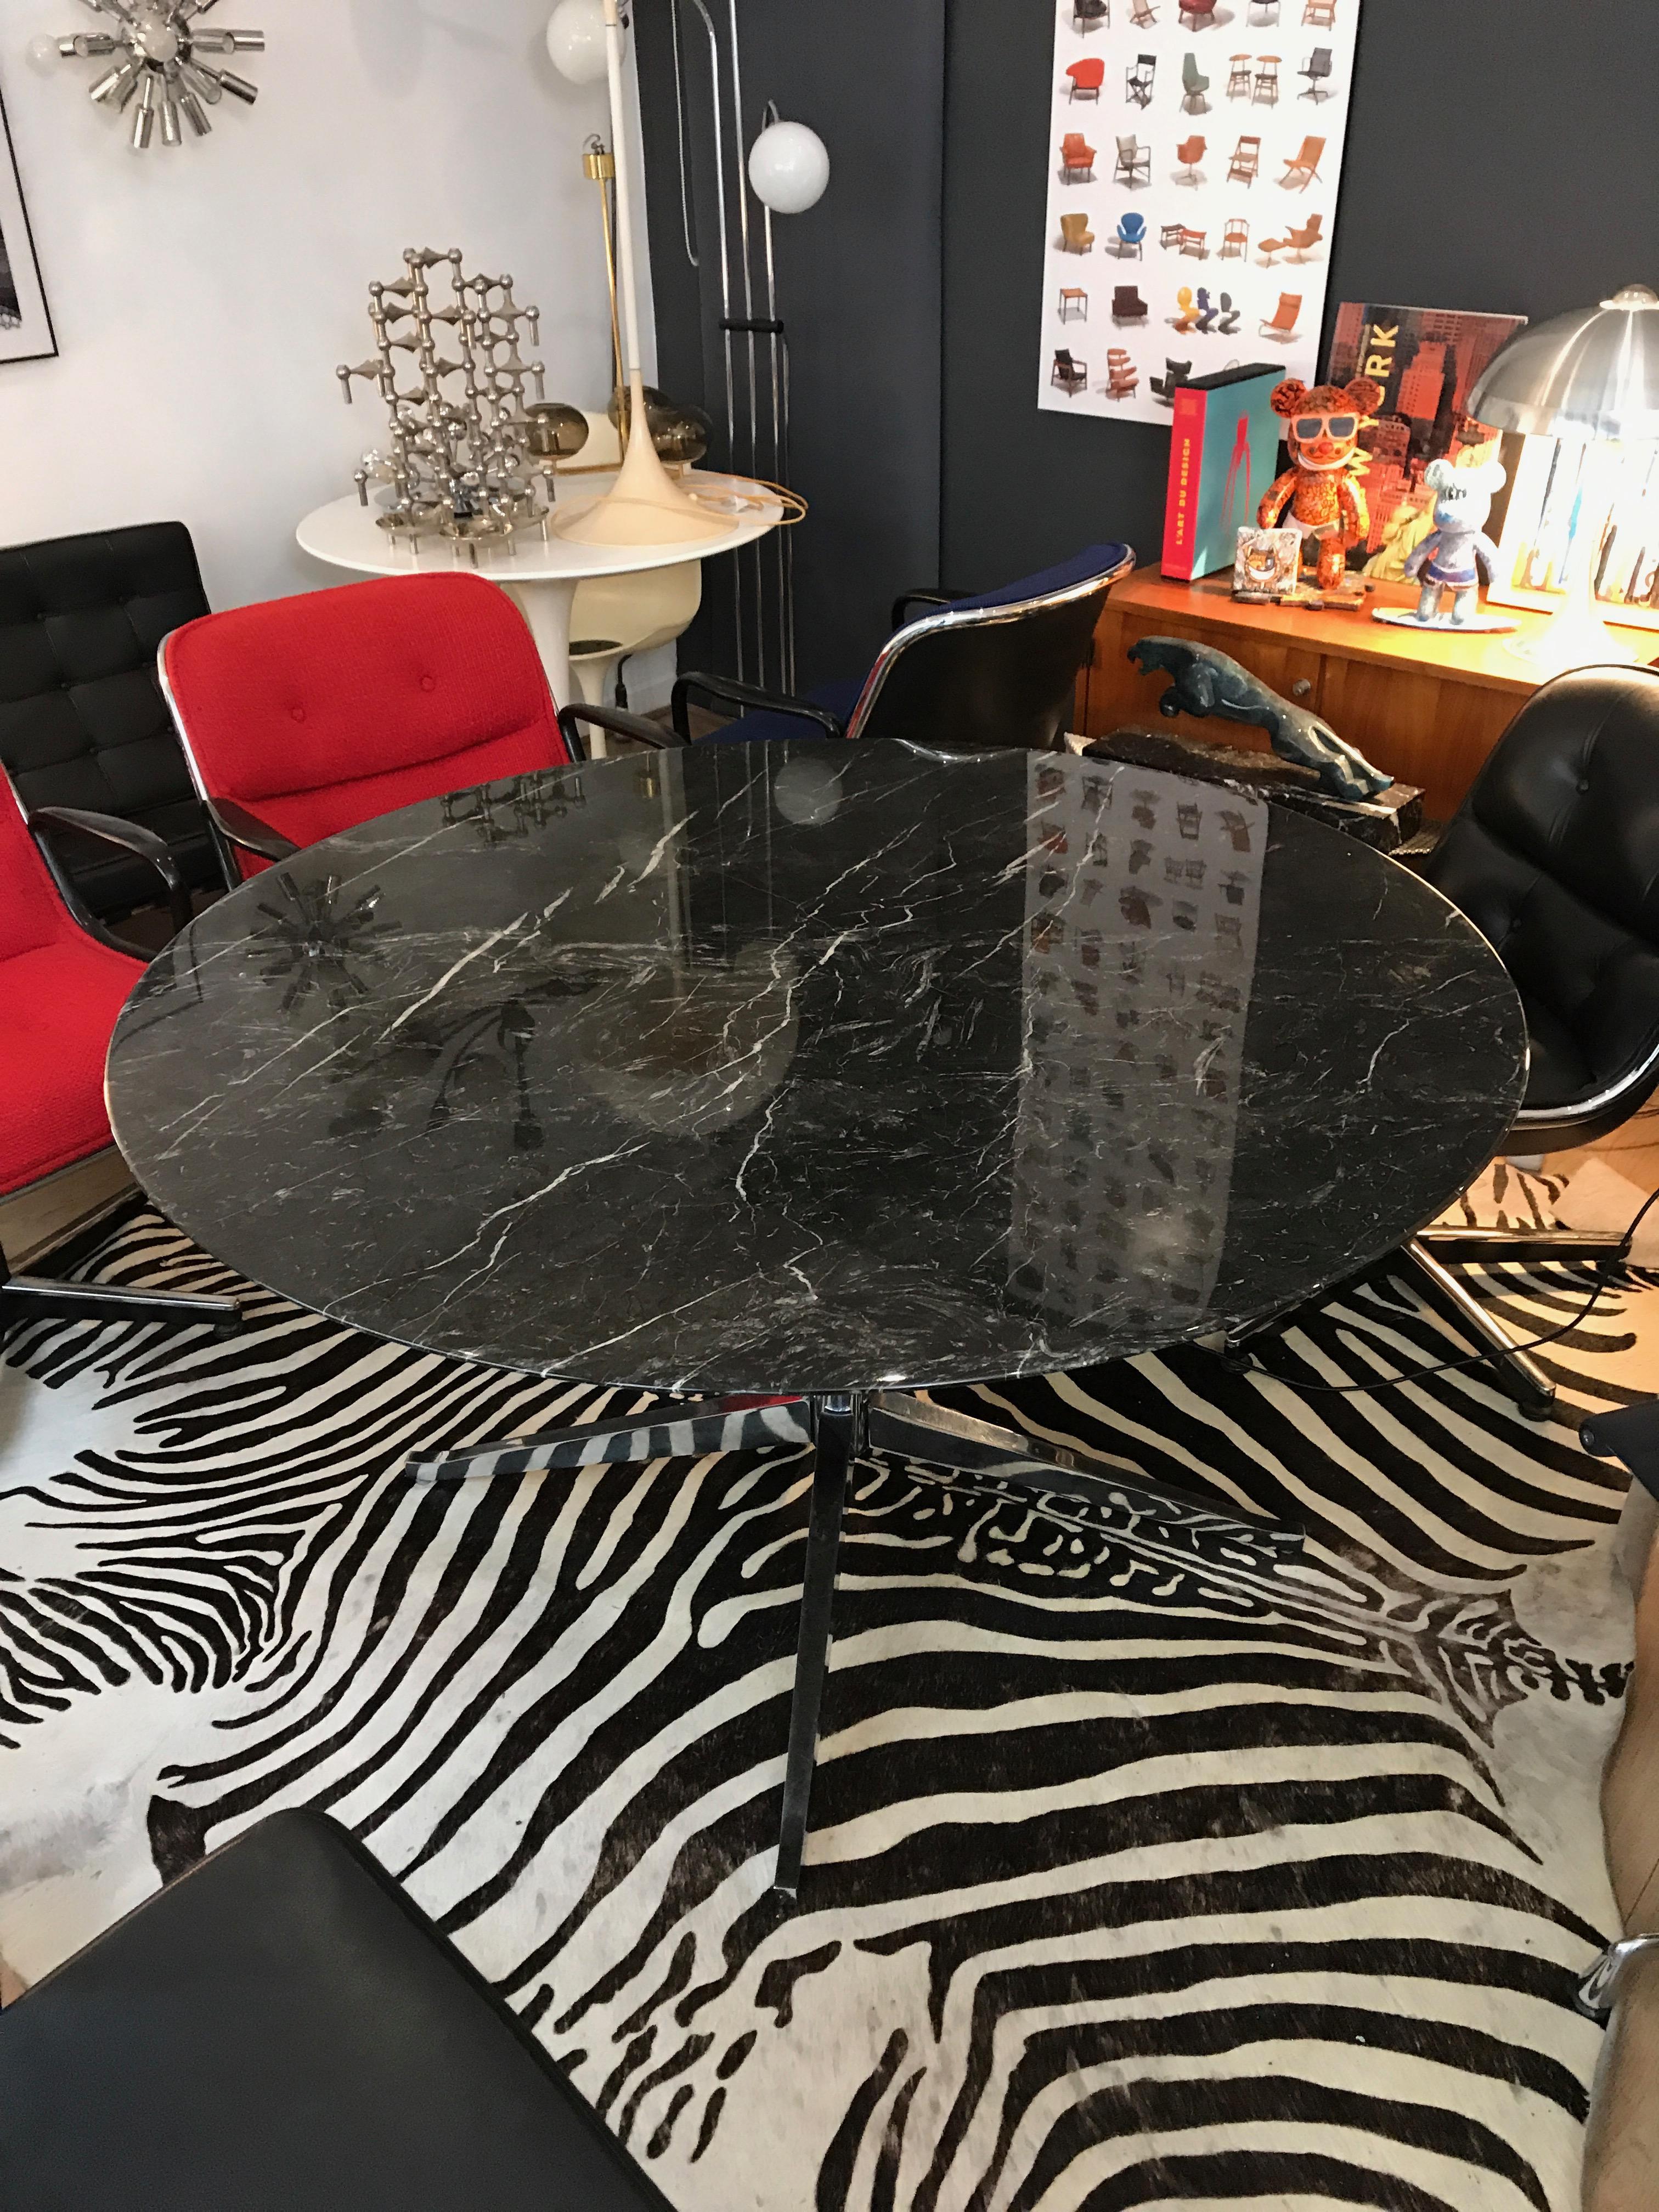 v magnifique table florence knoll marbre grey emperor. Black Bedroom Furniture Sets. Home Design Ideas